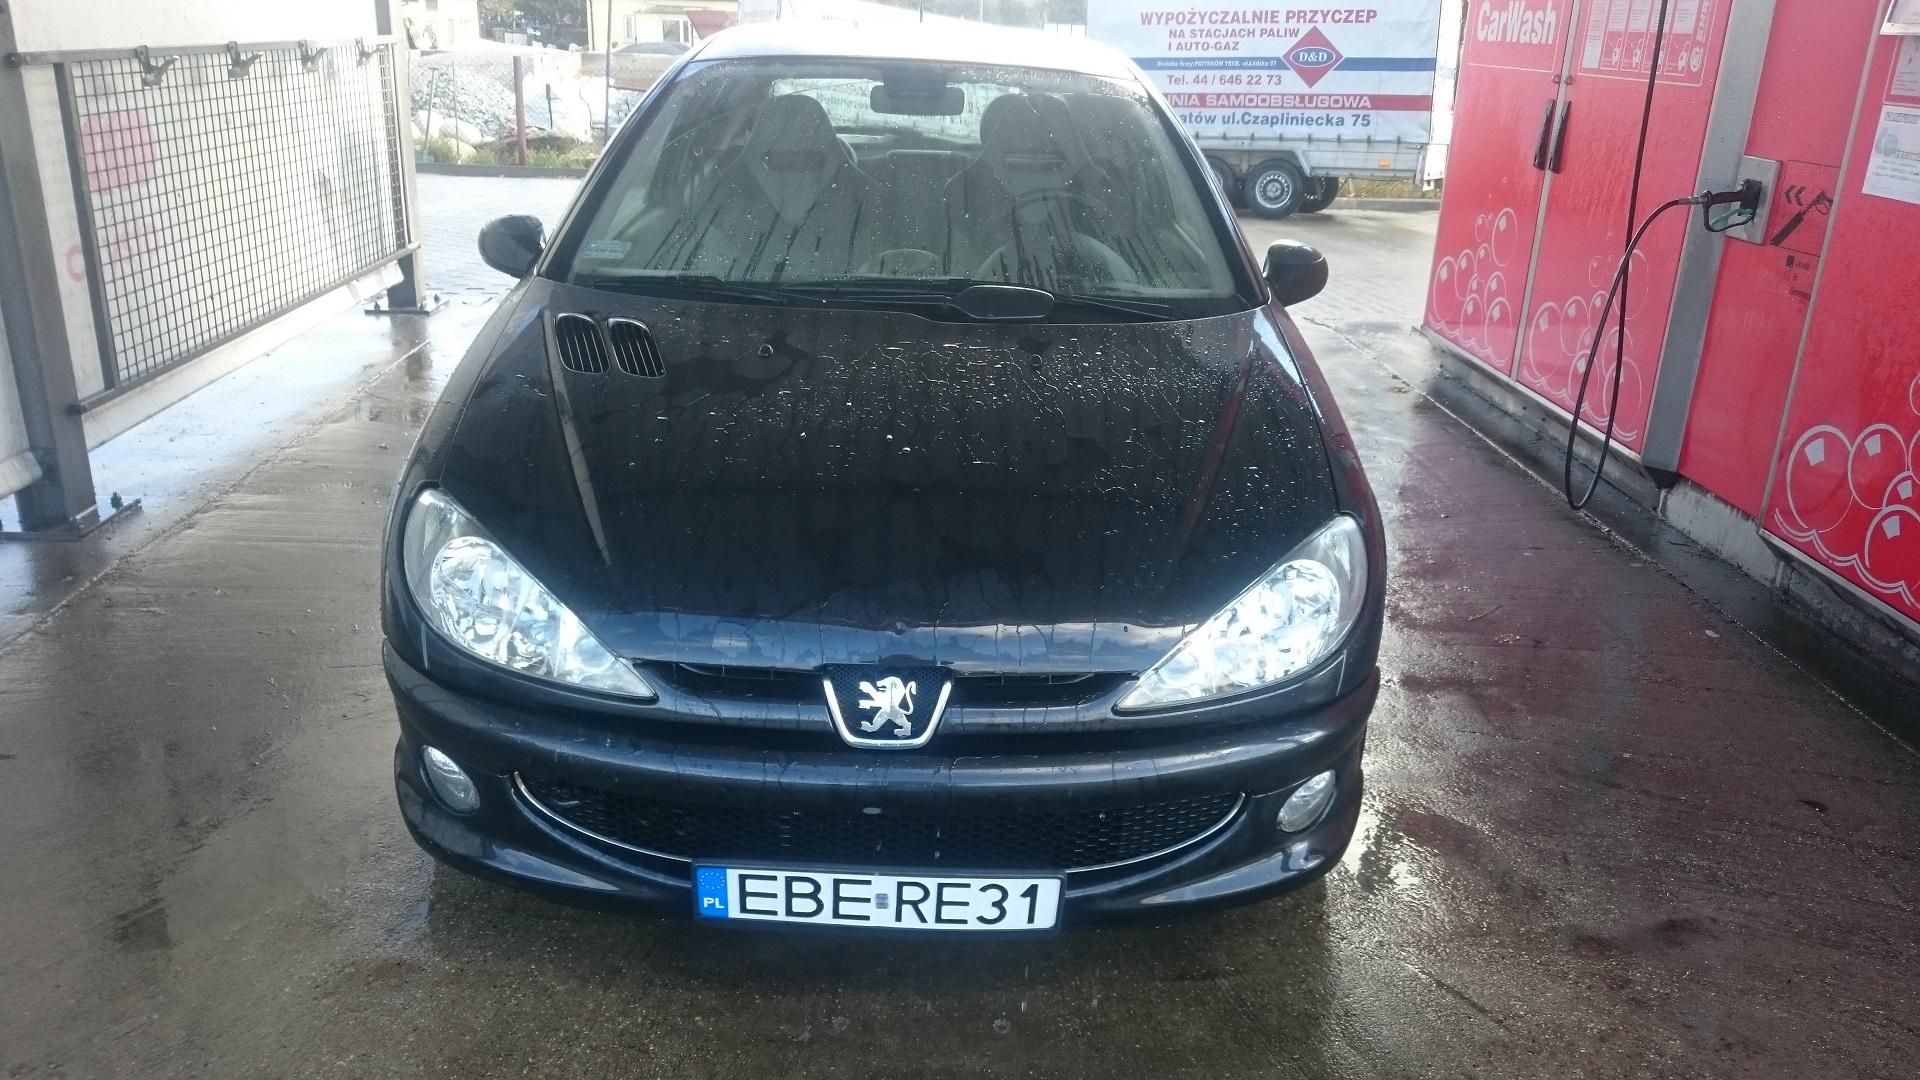 Peugeot 206 Rc Gti 177km 2005r B G 7036143996 Oficjalne Archiwum Allegro